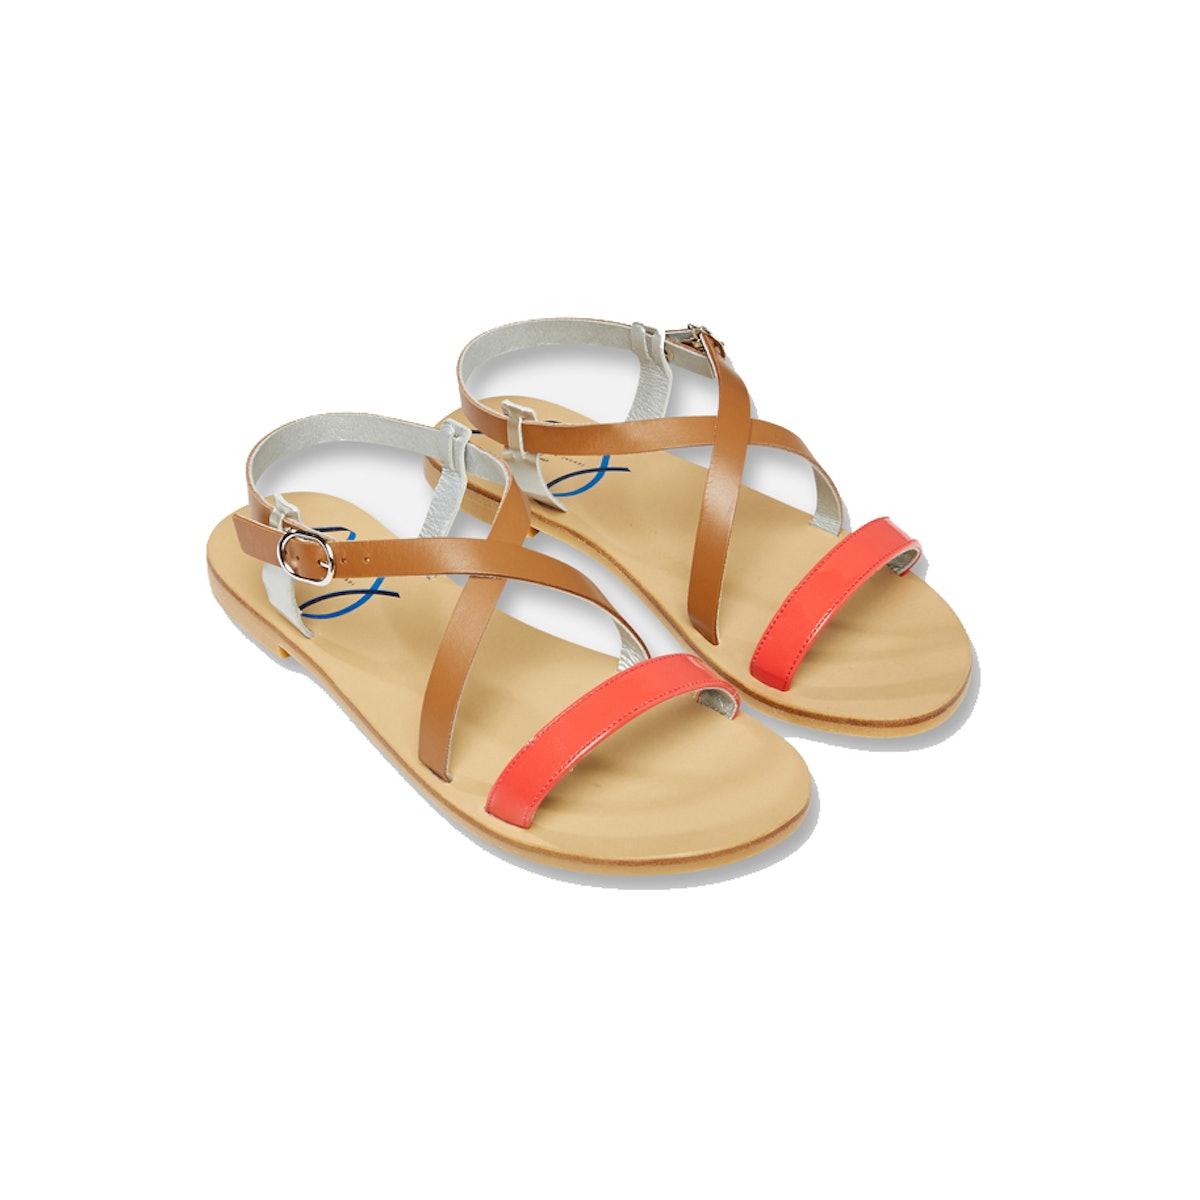 Jacadi Paris sandals